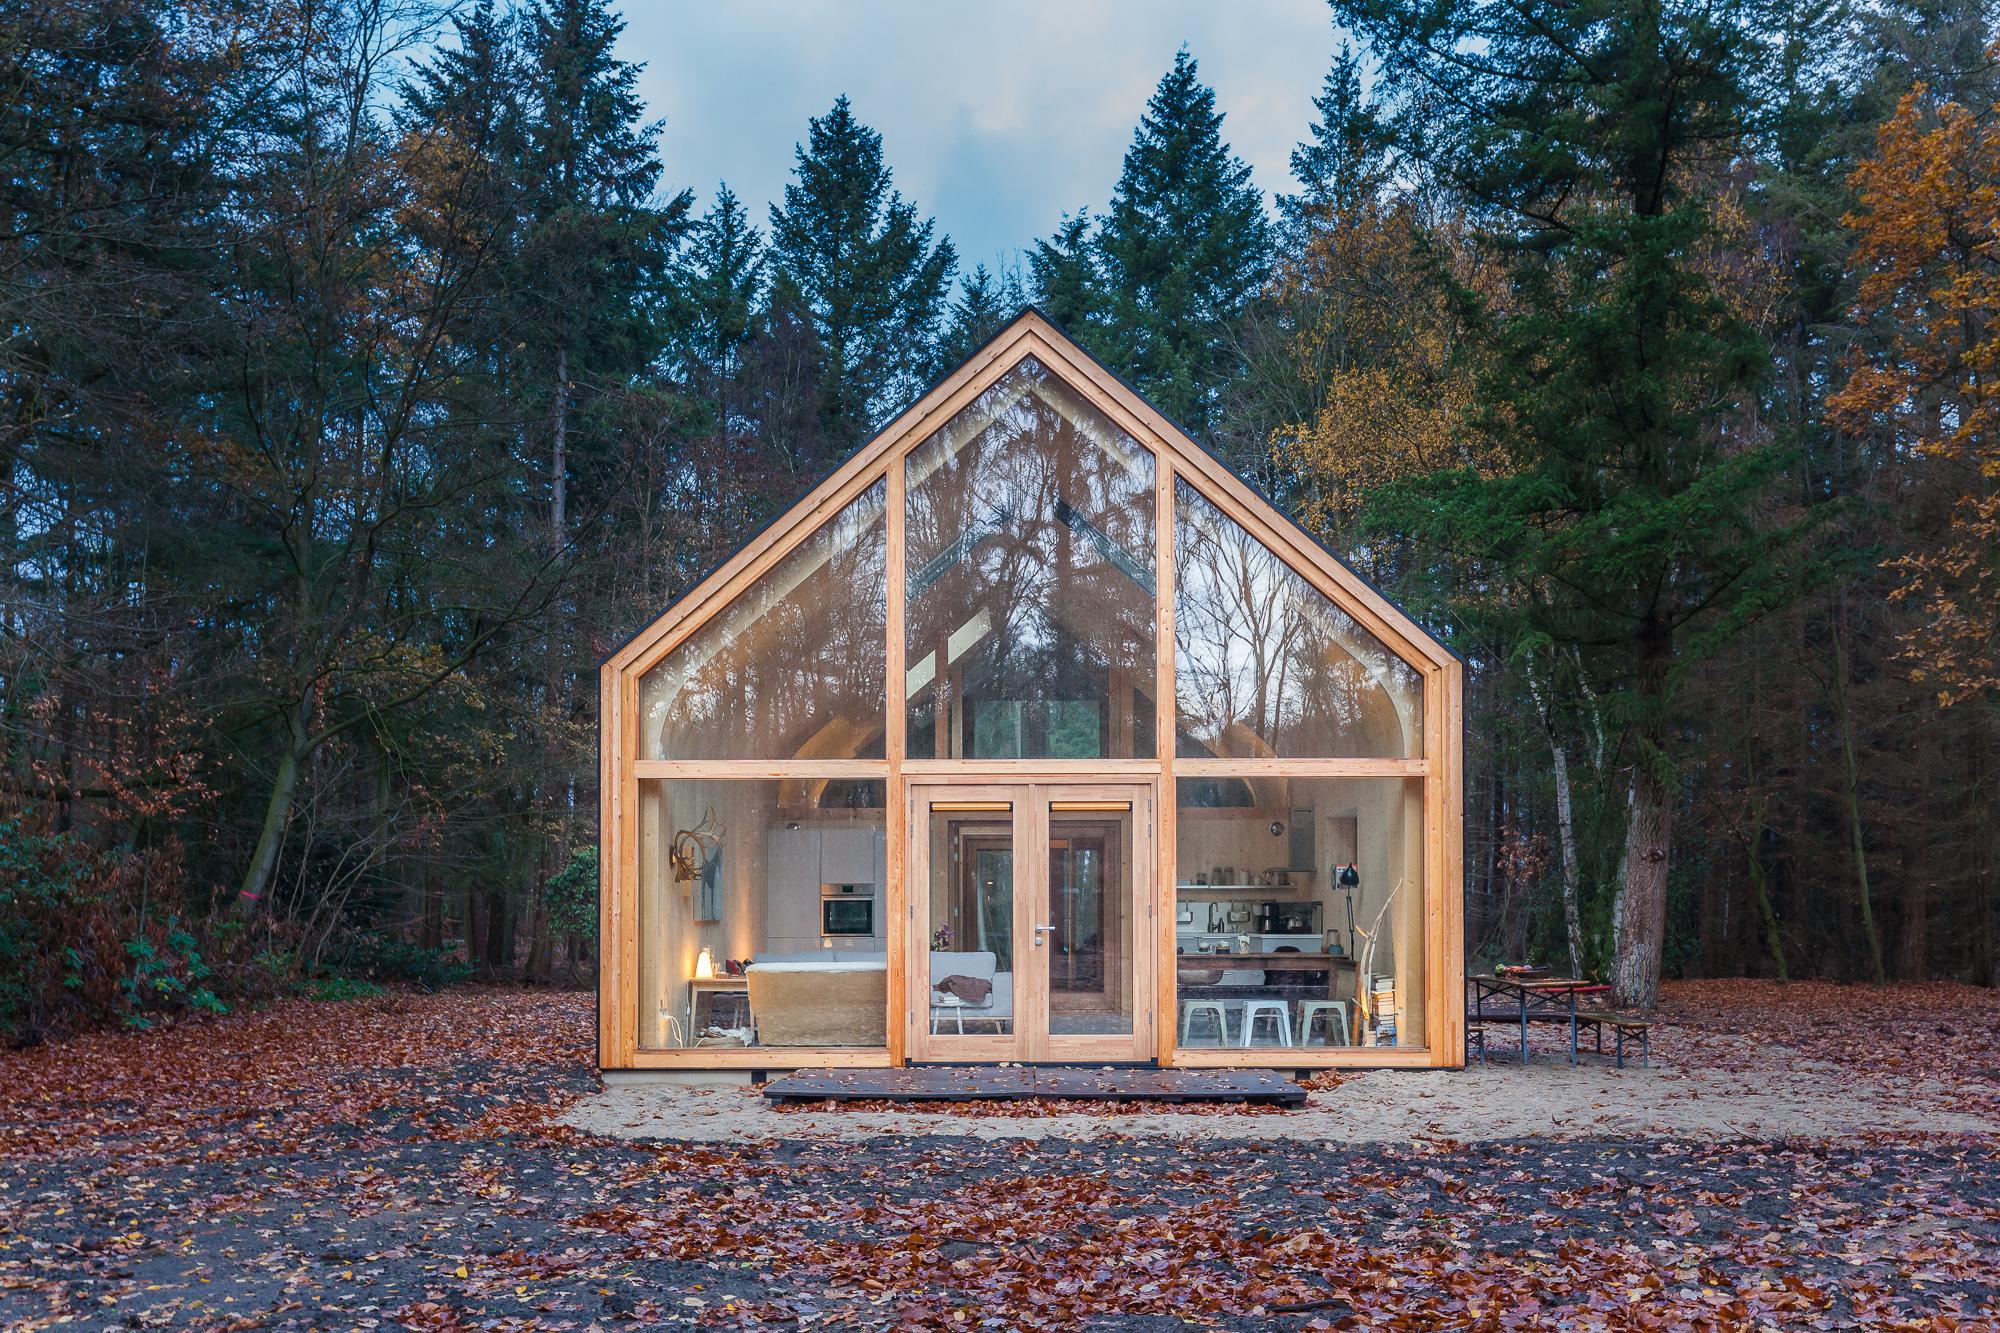 Een houtskeletwoning in het bos, gefotografeerd door architectuurfotograaf Elroy Spelbos